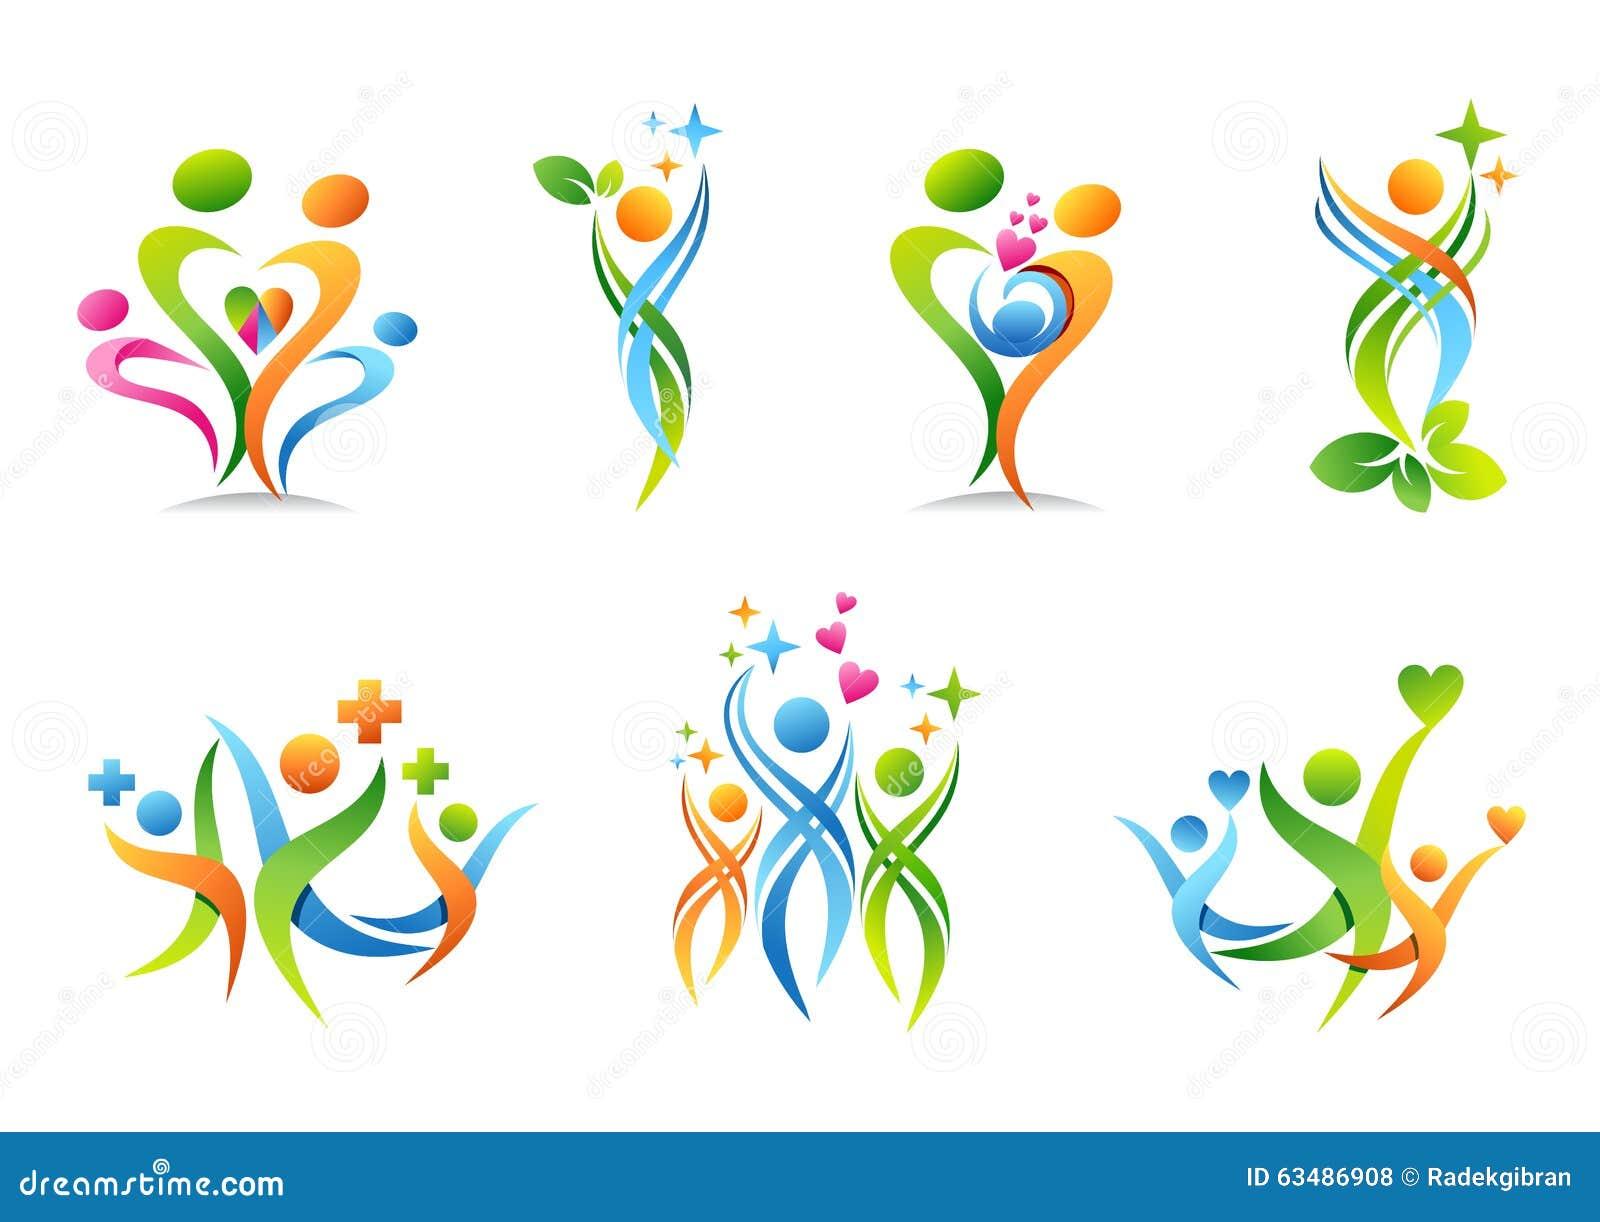 Rodzina, rodzic, zdrowie, edukacja, logo, wychowywa, ludzie, opieka zdrowotna ustawiająca symbol ikony wektorowy projekt